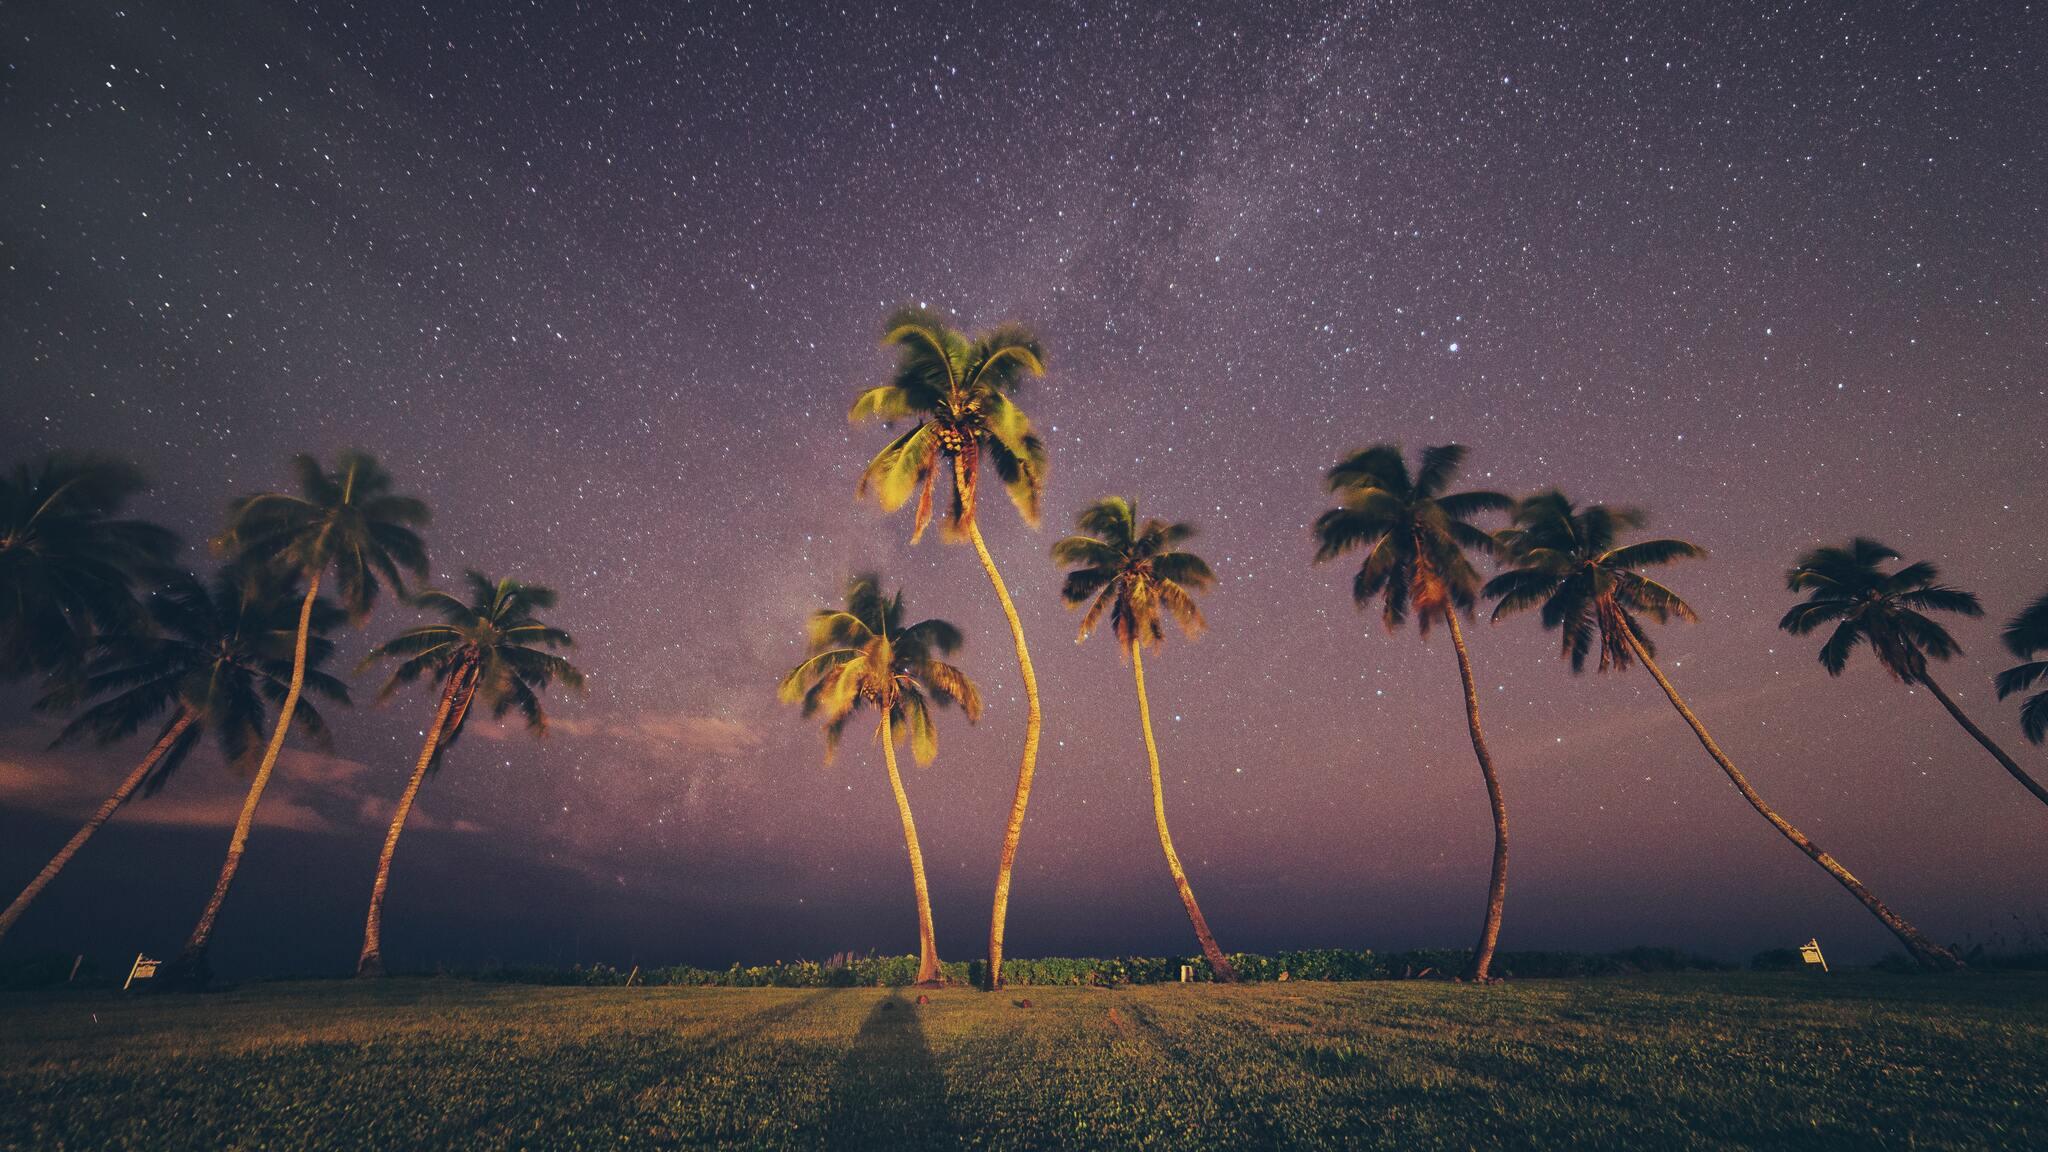 coconut-trees-under-starry-sky-6n.jpg